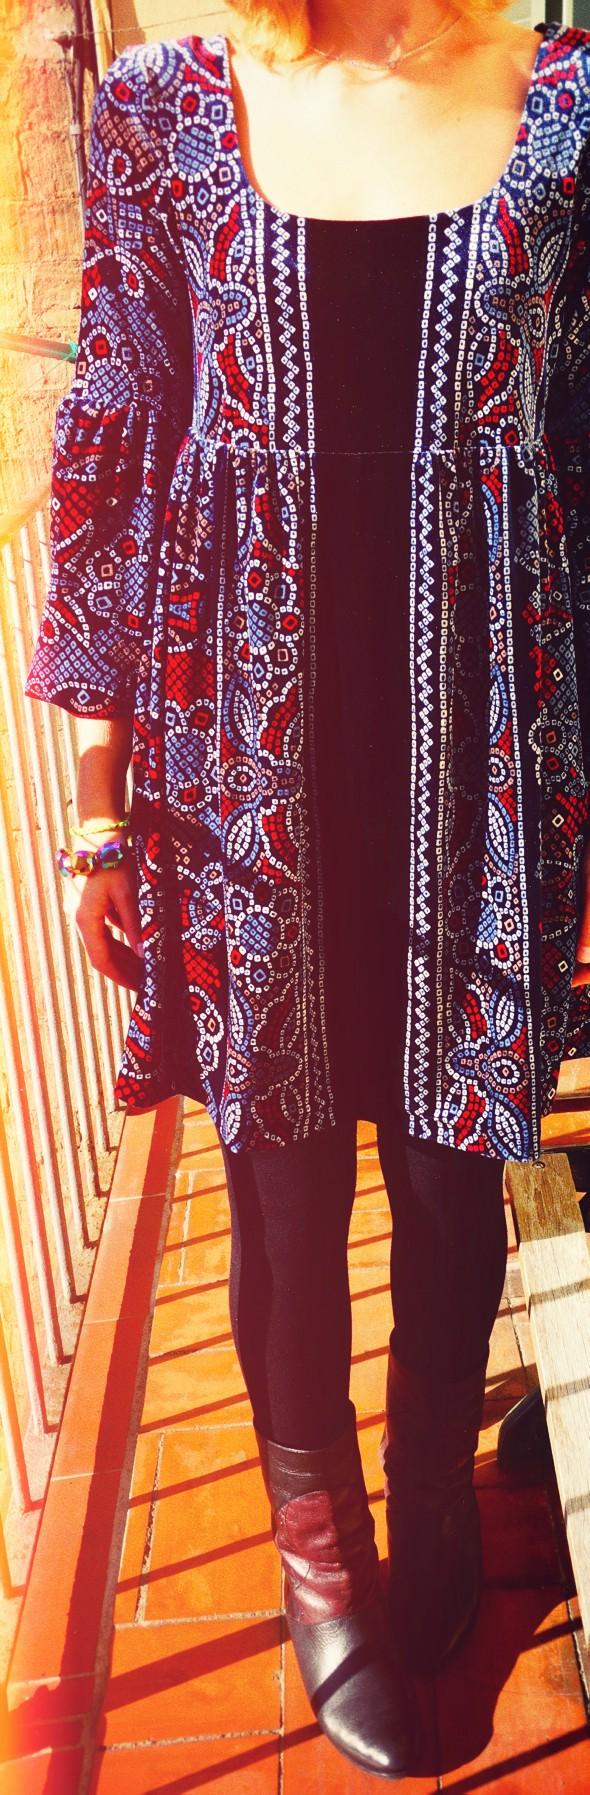 ---oh peace velvet dress robe free people 2013 velours.jpg_effected_effected